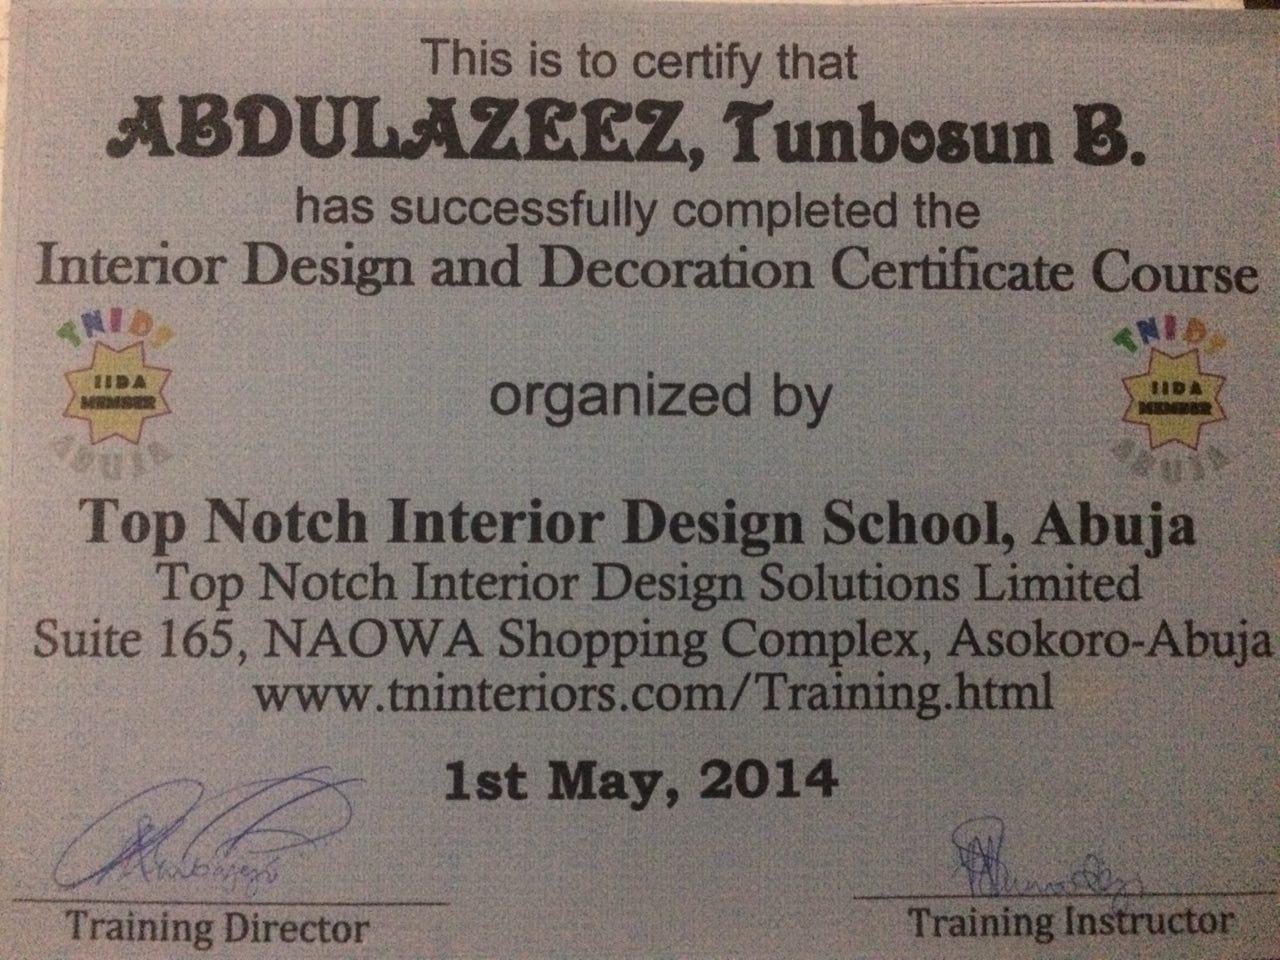 Training Institute Top Notch Interior Design School